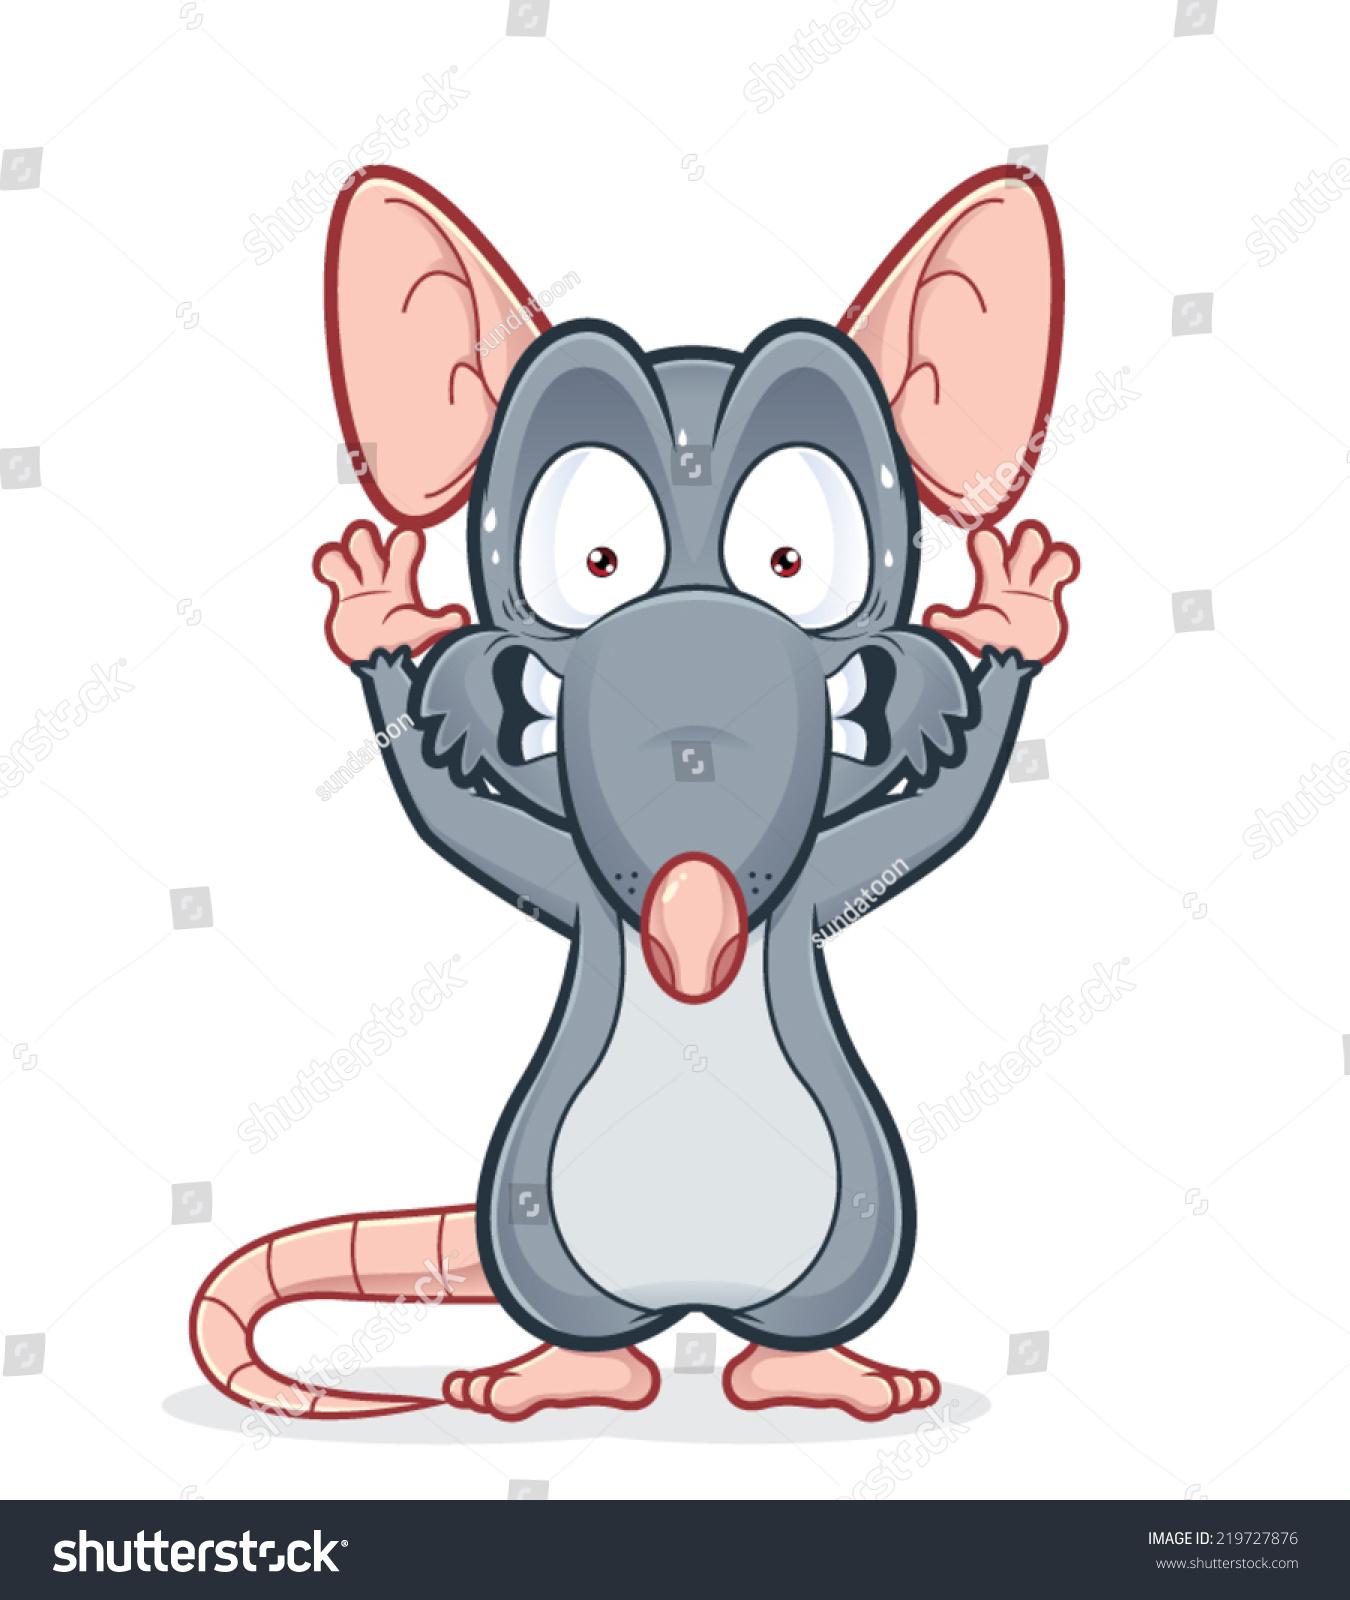 惊吓鼠-动物/野生生物